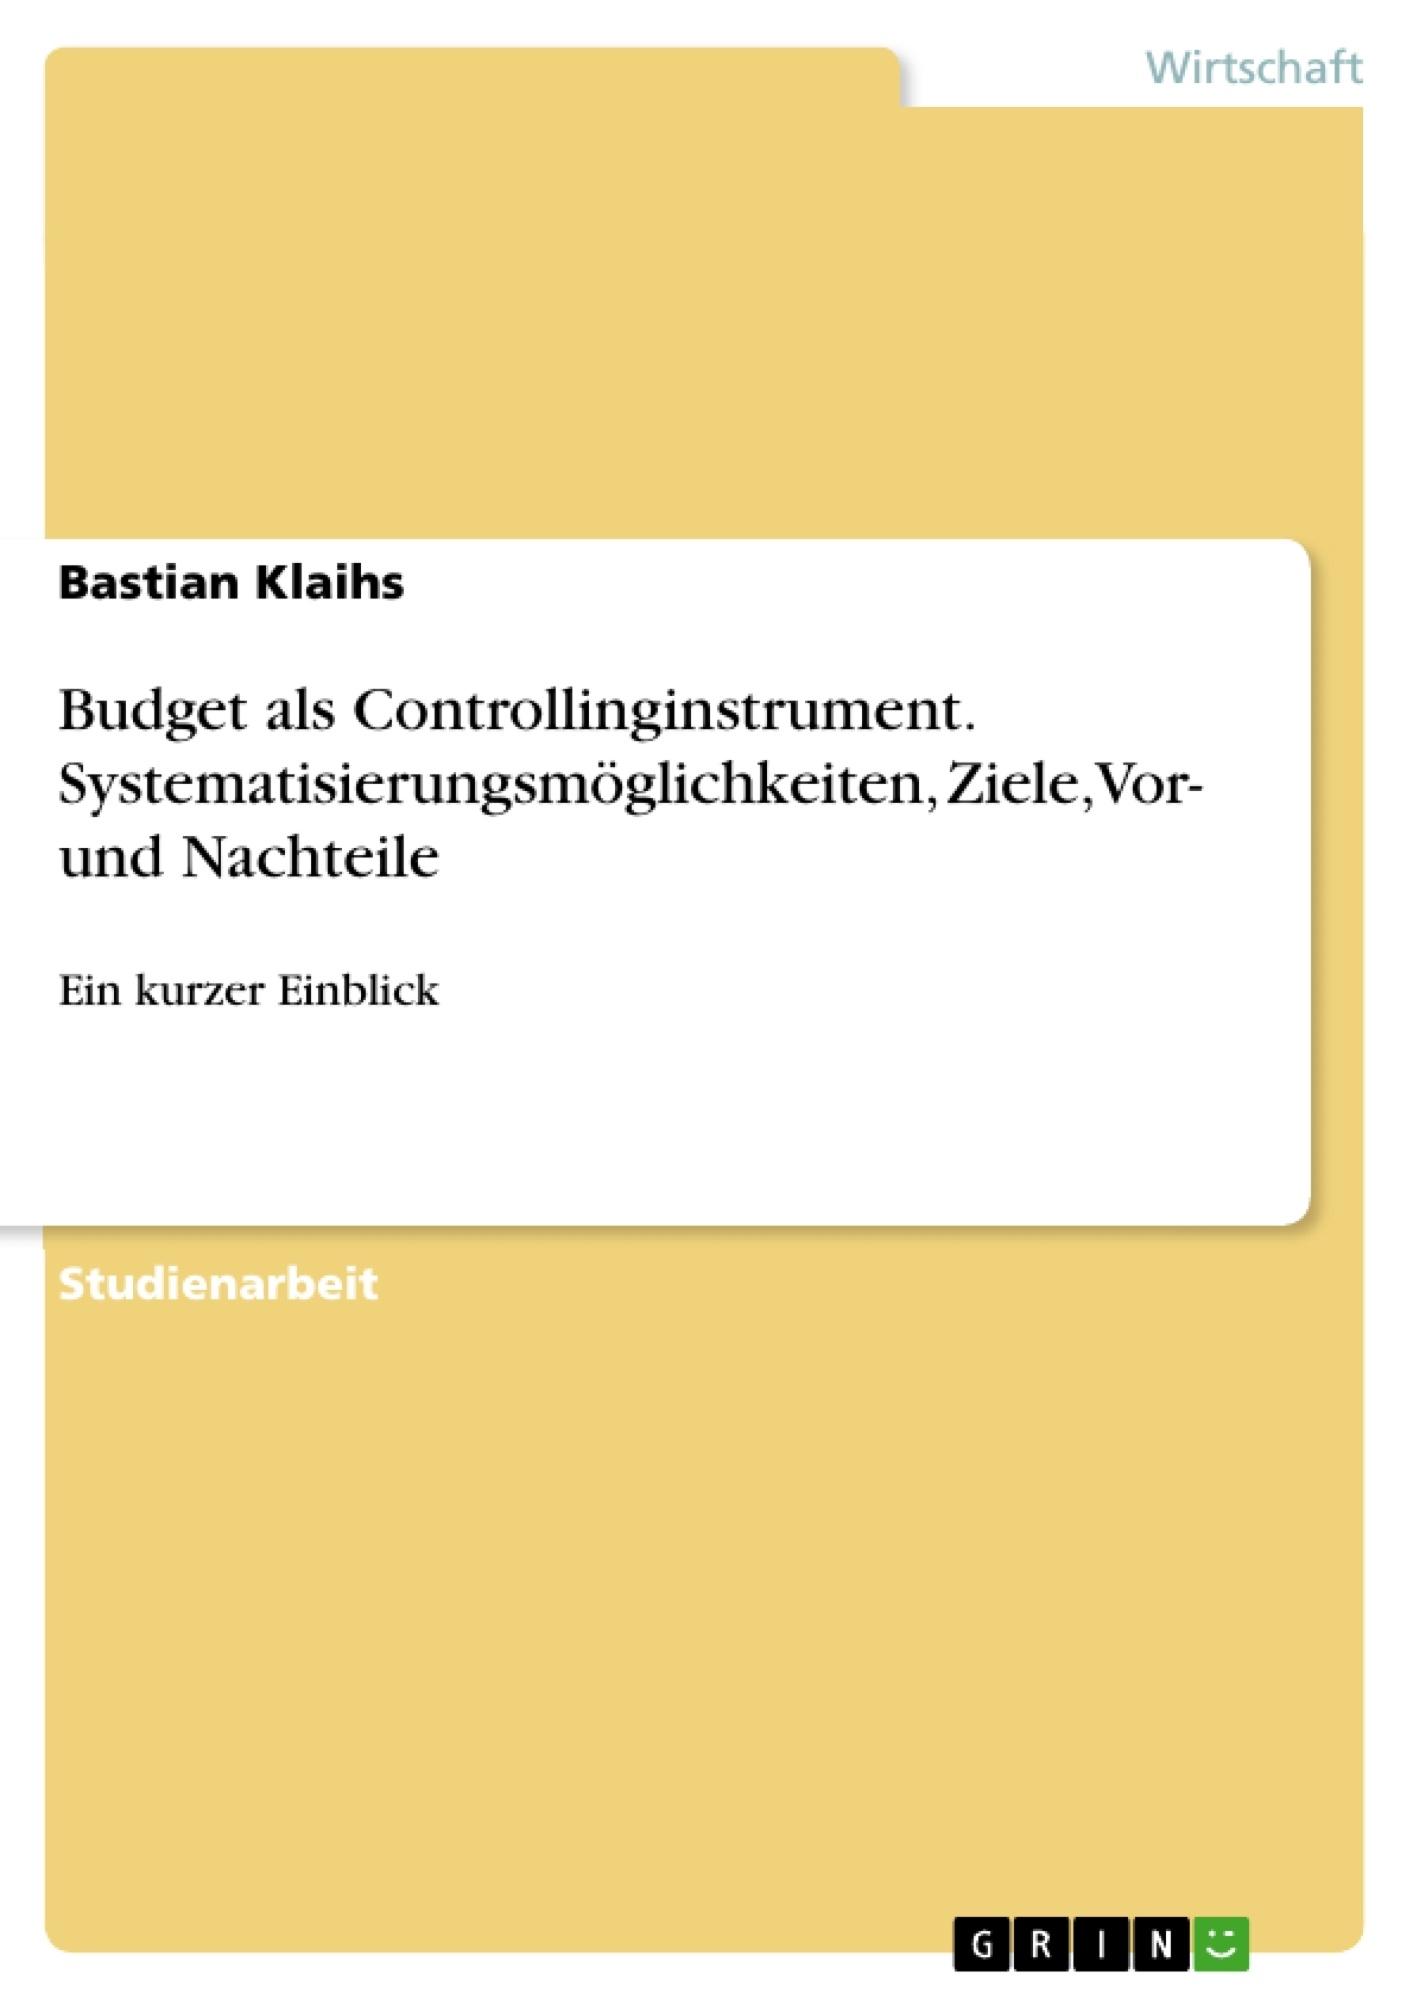 Titel: Budget als Controllinginstrument. Systematisierungsmöglichkeiten, Ziele, Vor- und Nachteile